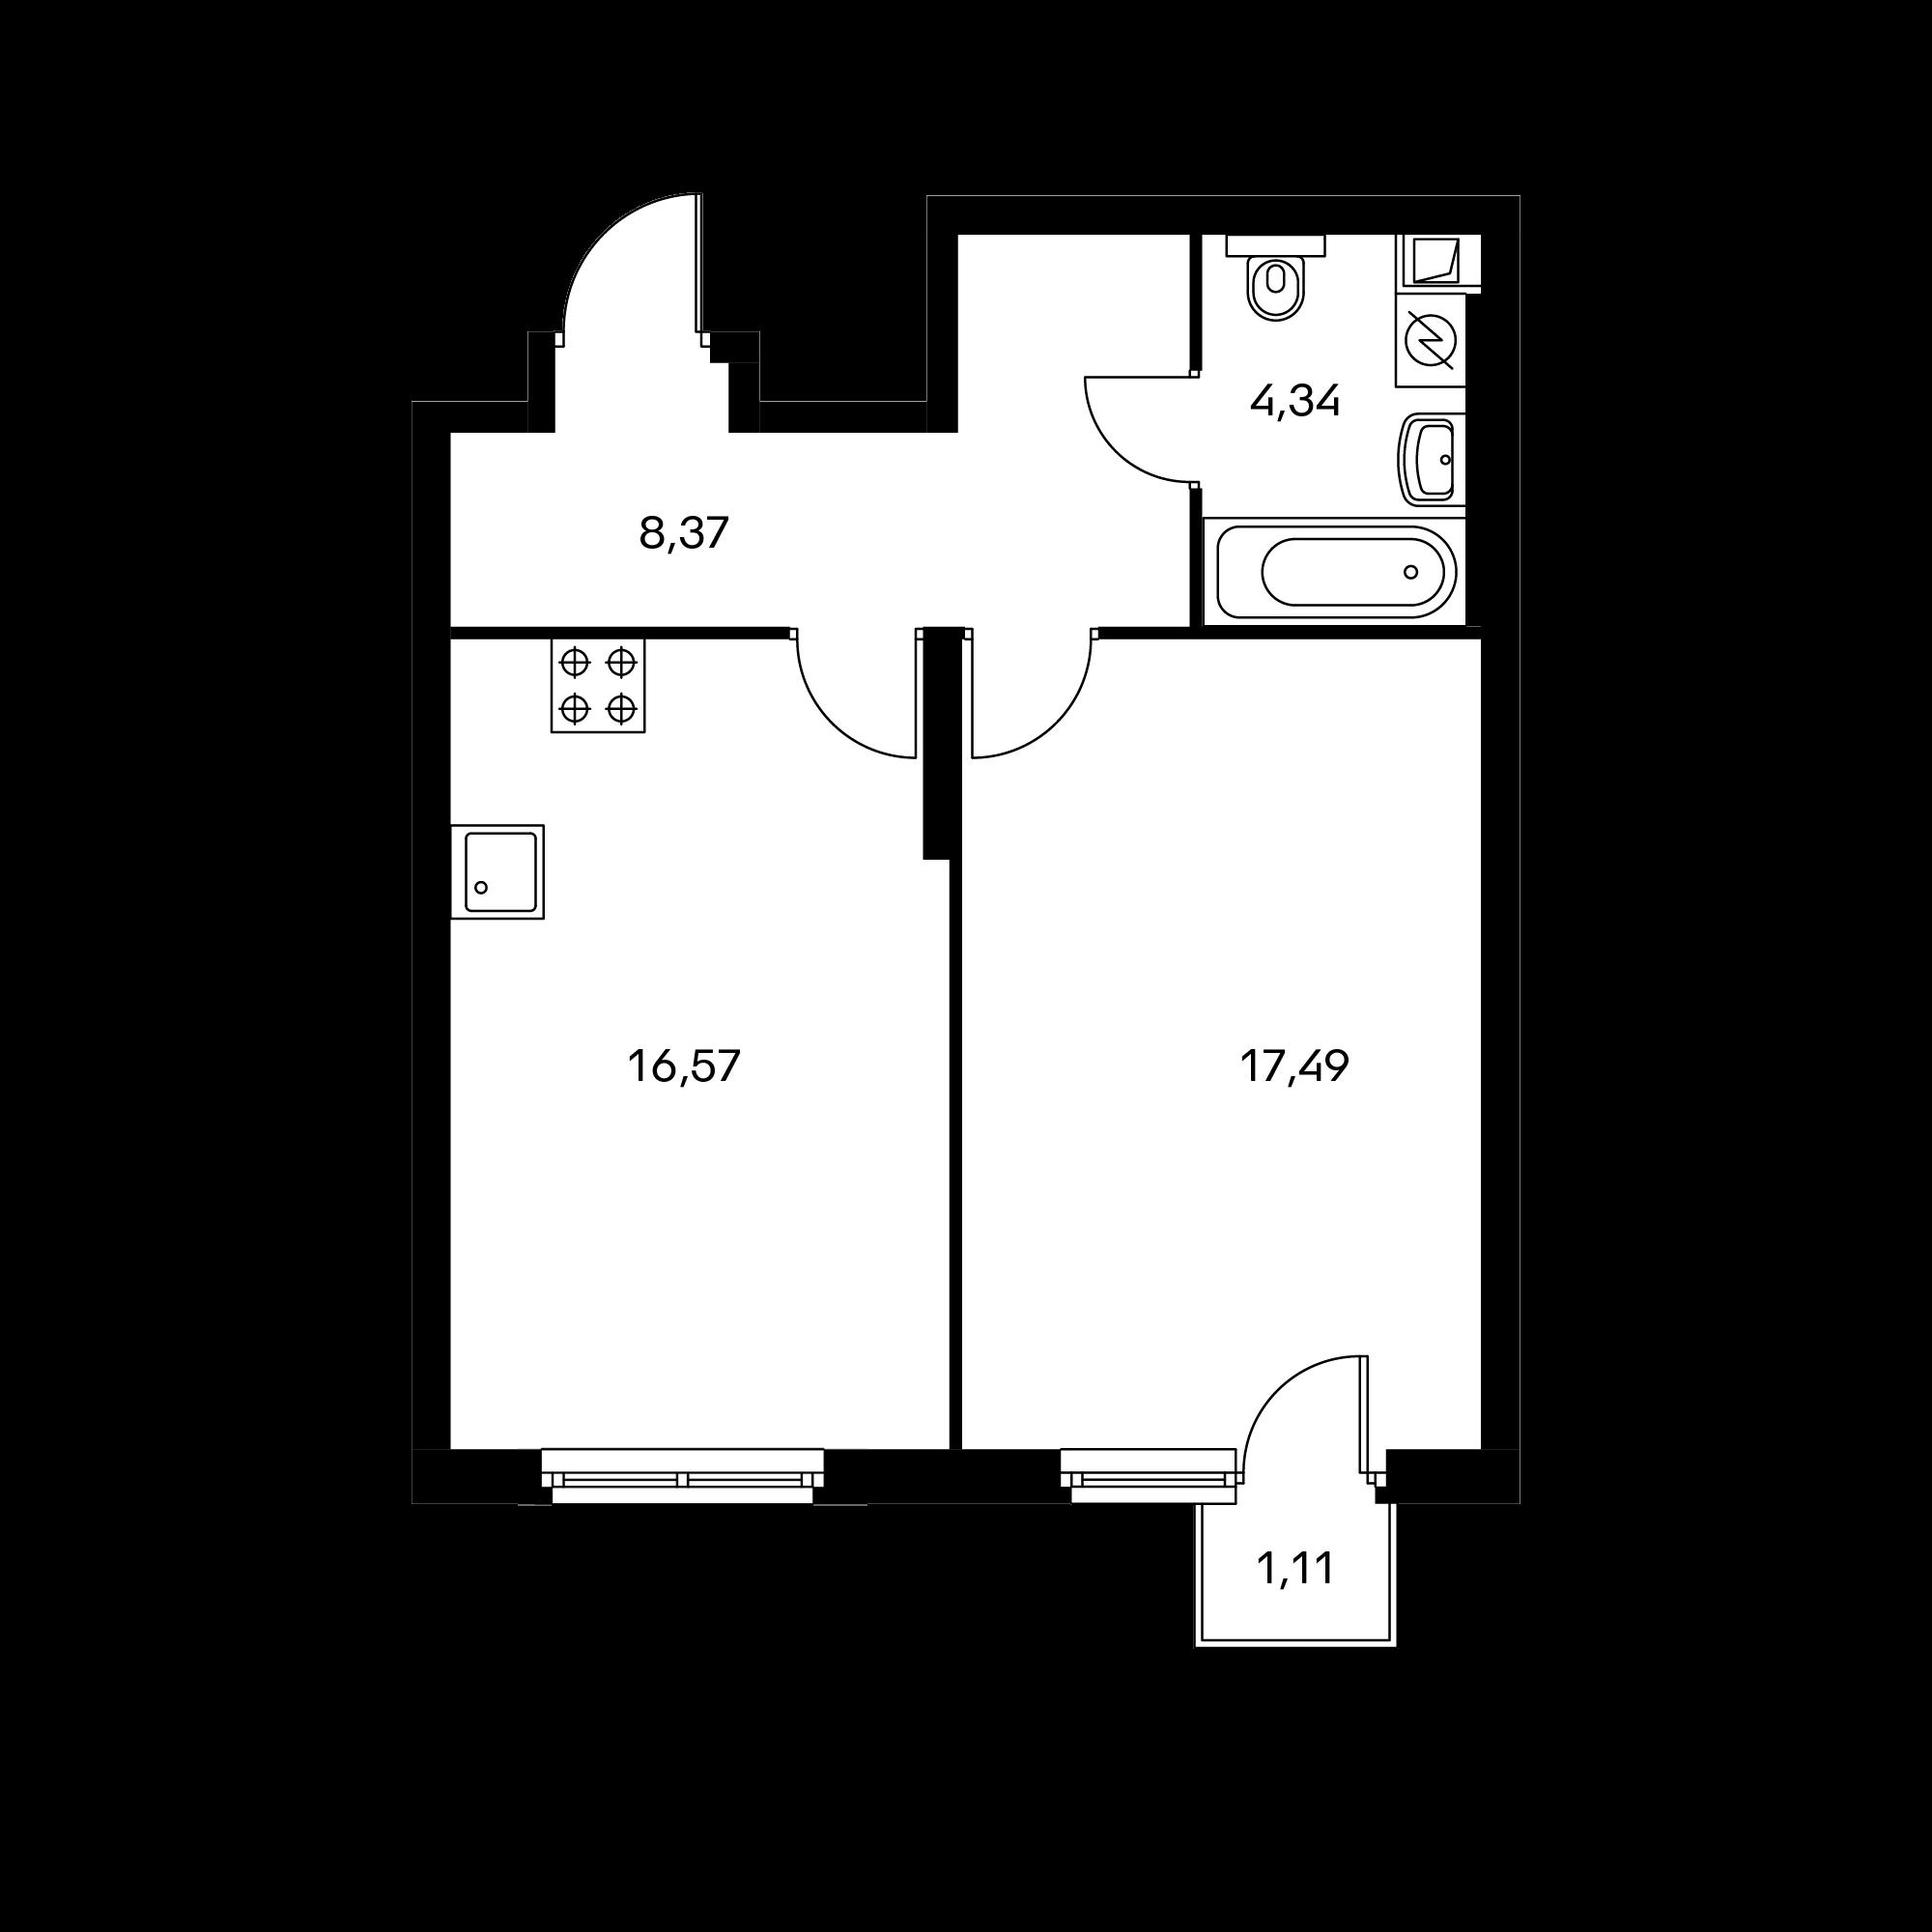 1KL1R_1B